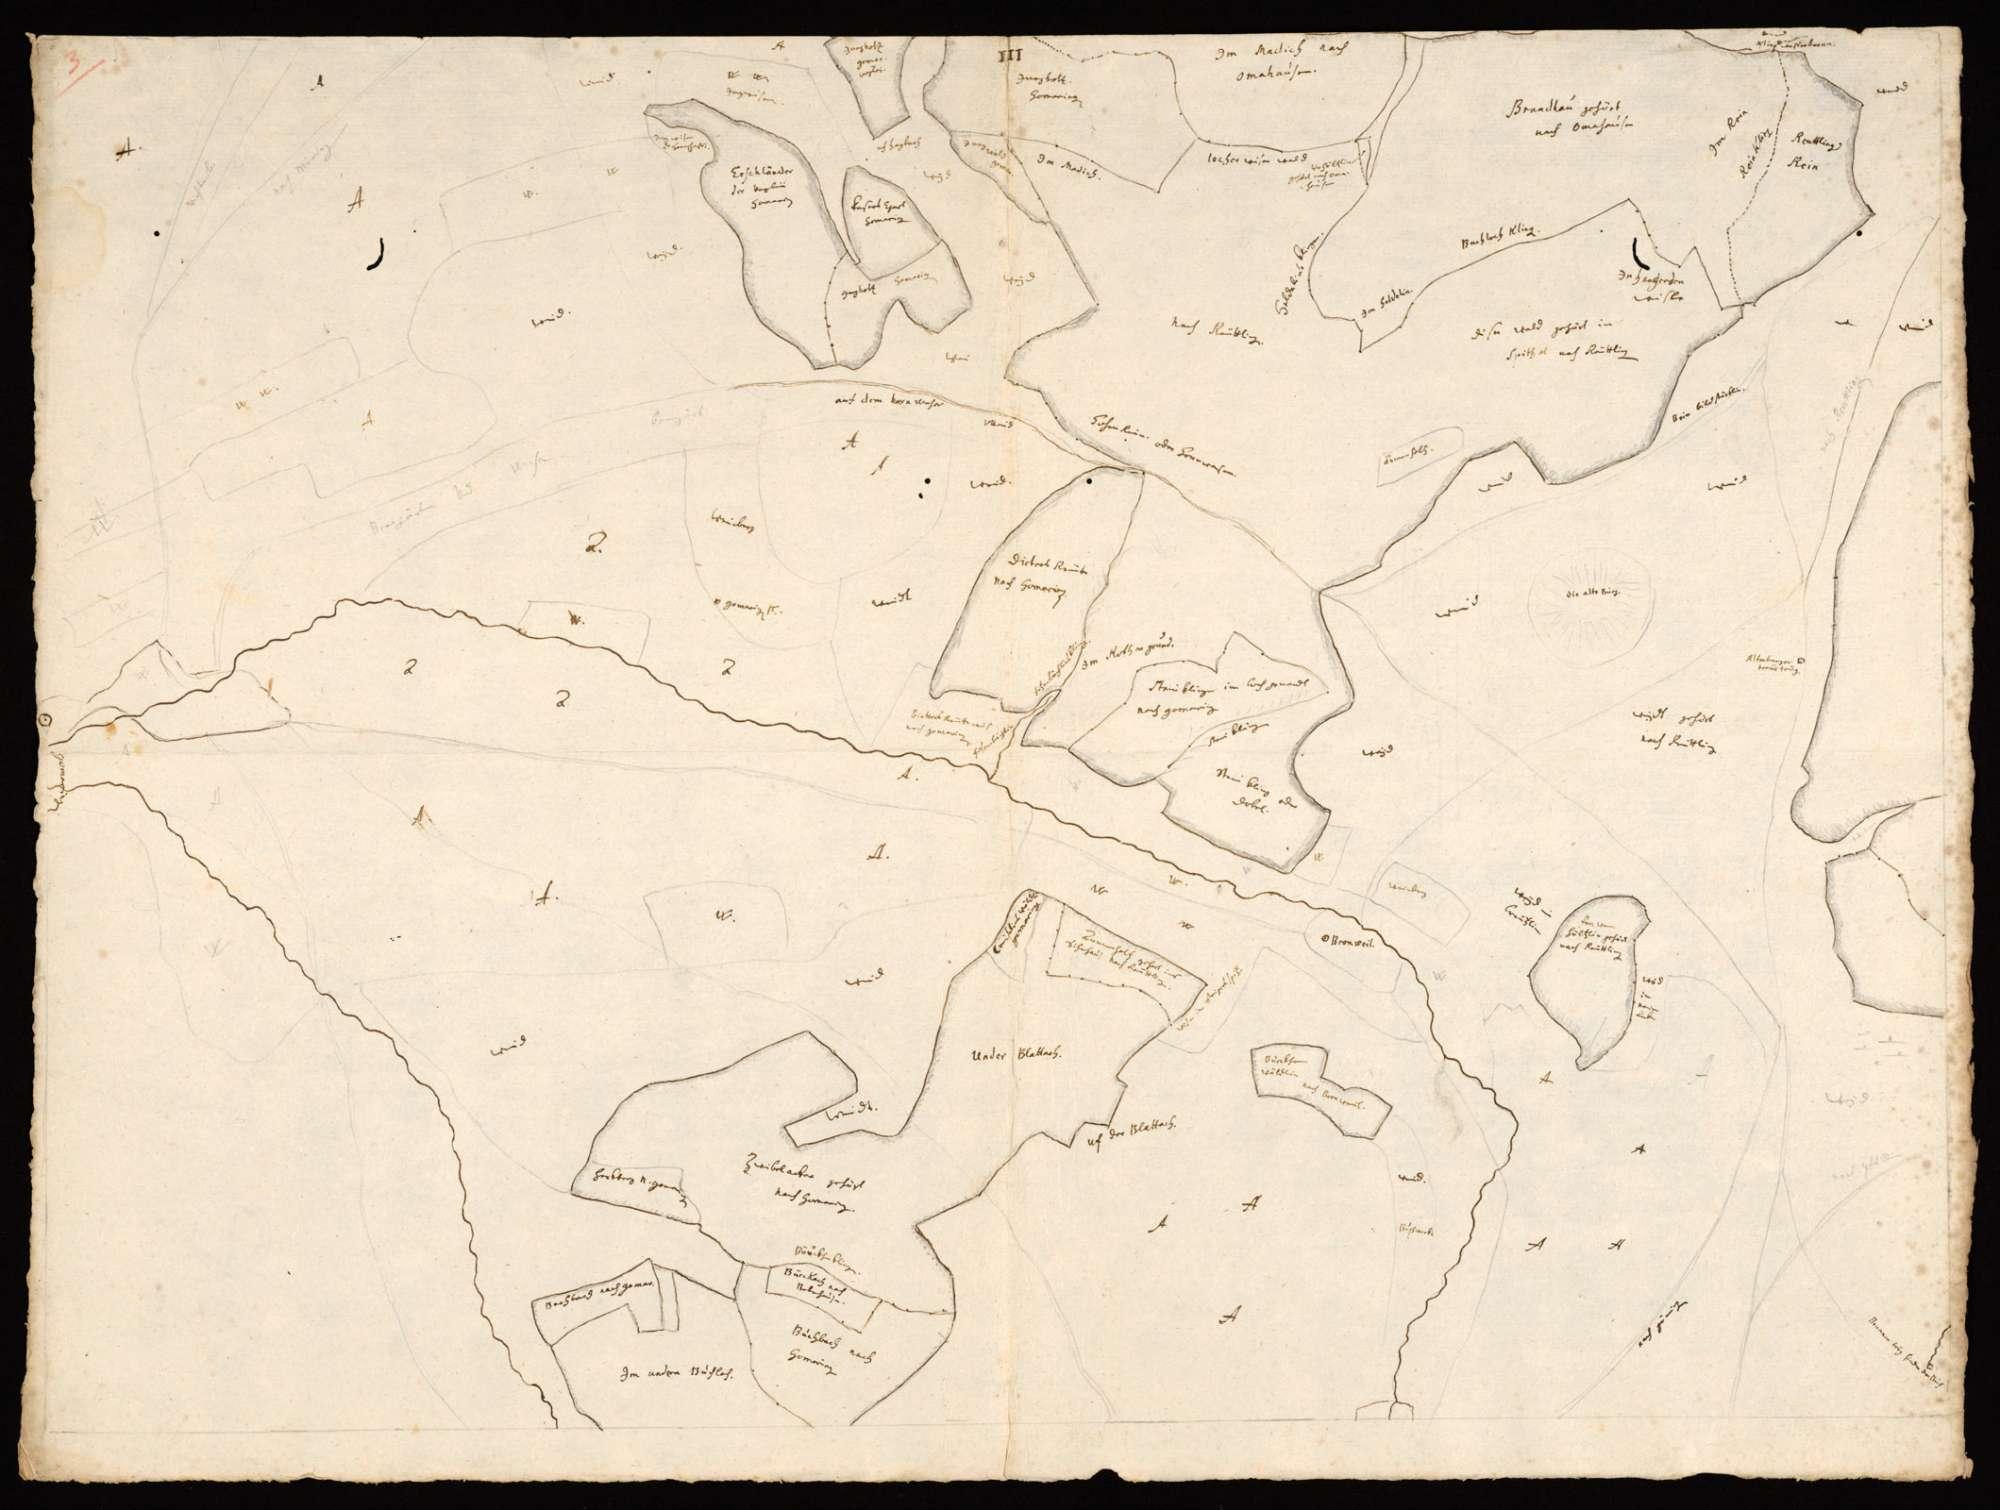 [Karte der Waldungen zwischen Steinlach, Neckar und Echaz, in 4 Blättern], Bild 3